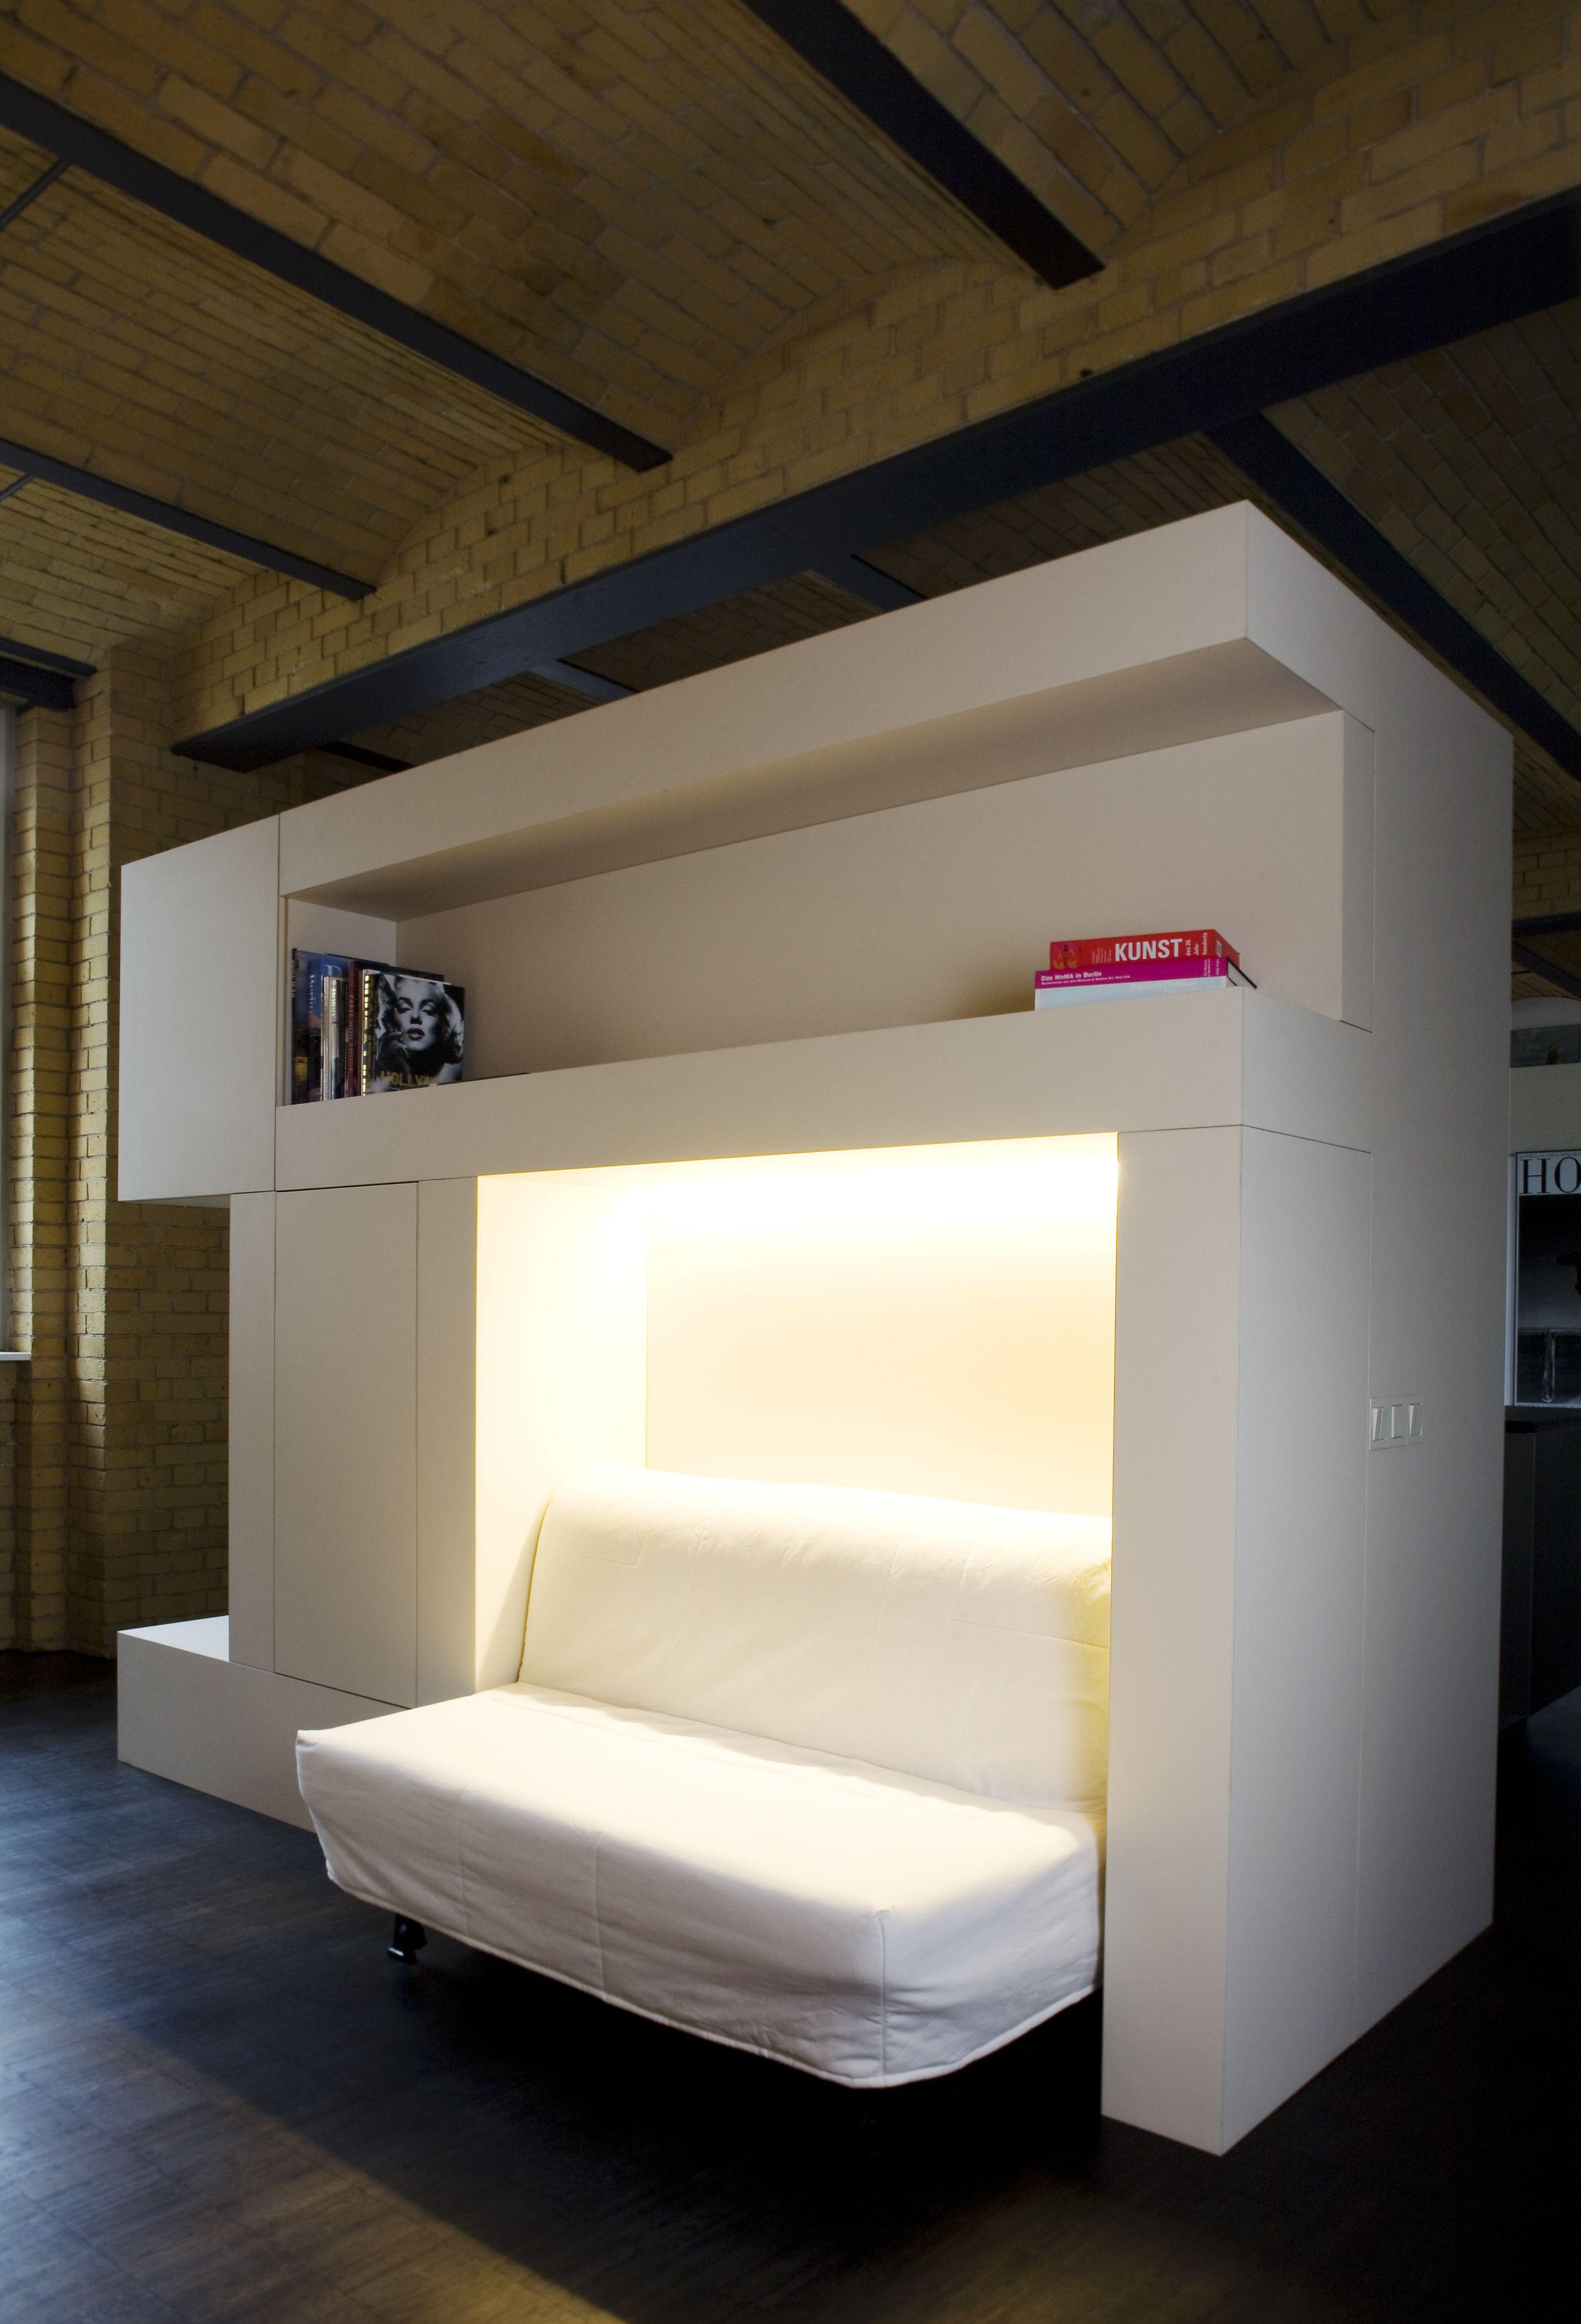 Loftausbau in Berlin, Couch, Raumtrennung, Einbauschrank, weiß ...